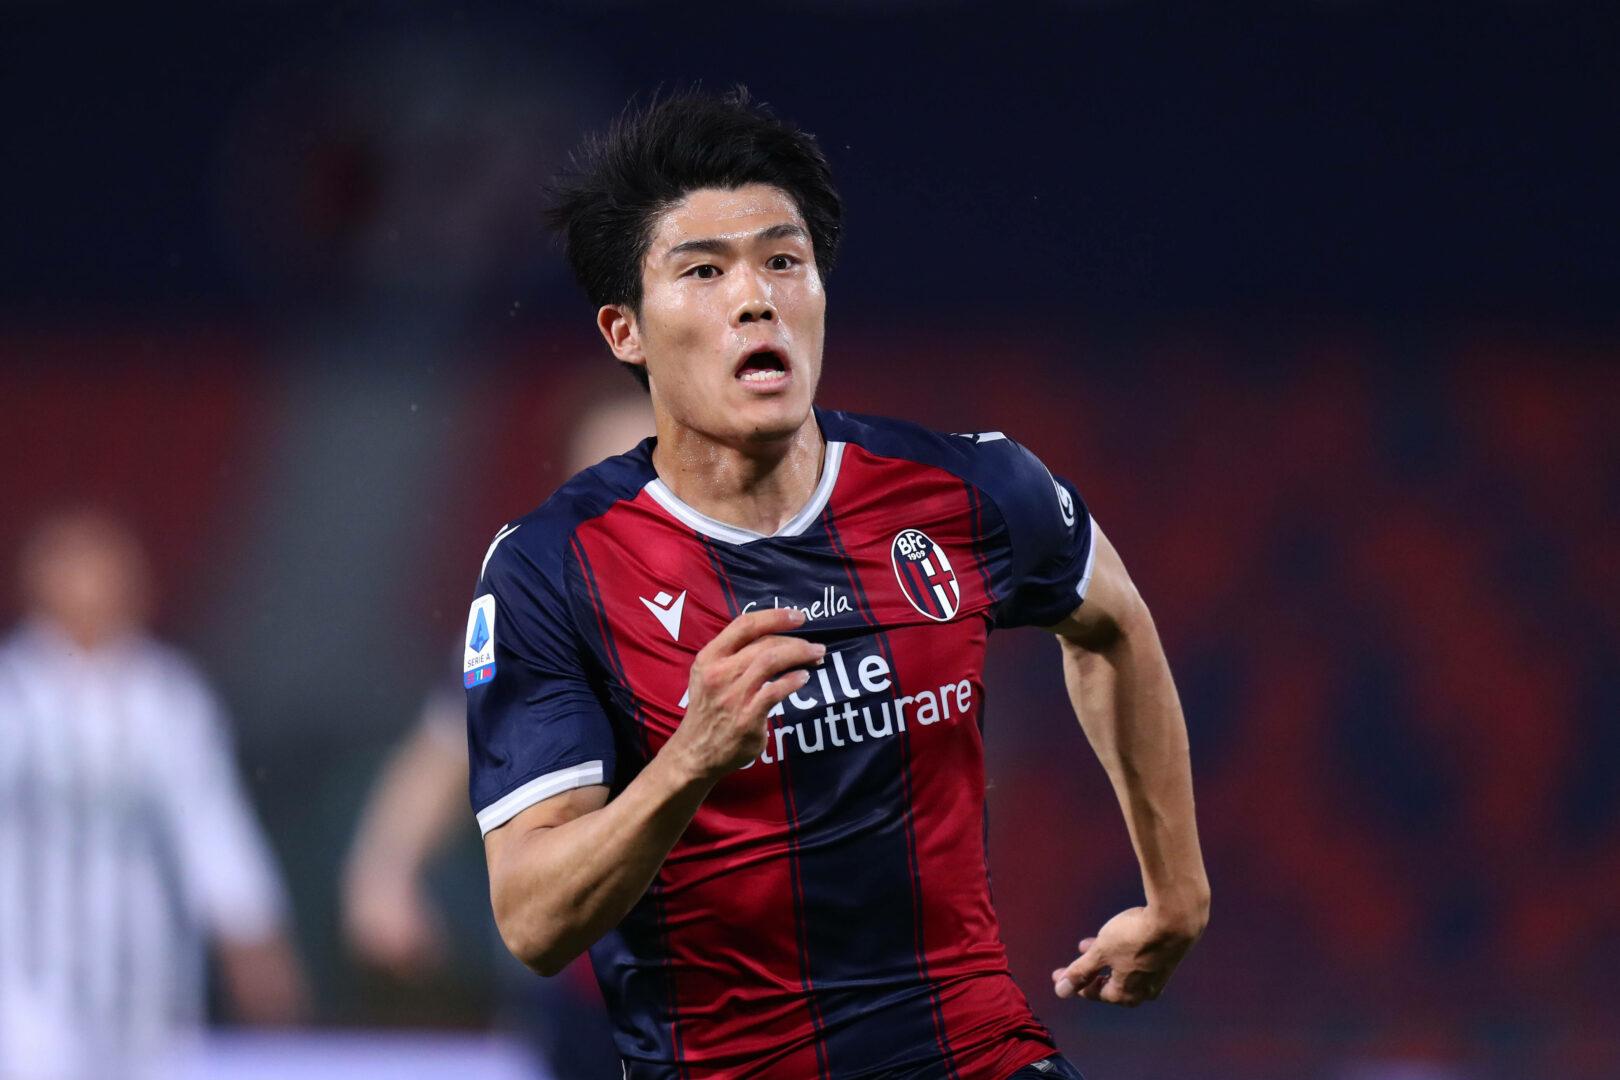 Arsenal verpflichtet Bologna-Verteidiger Tomiyasu